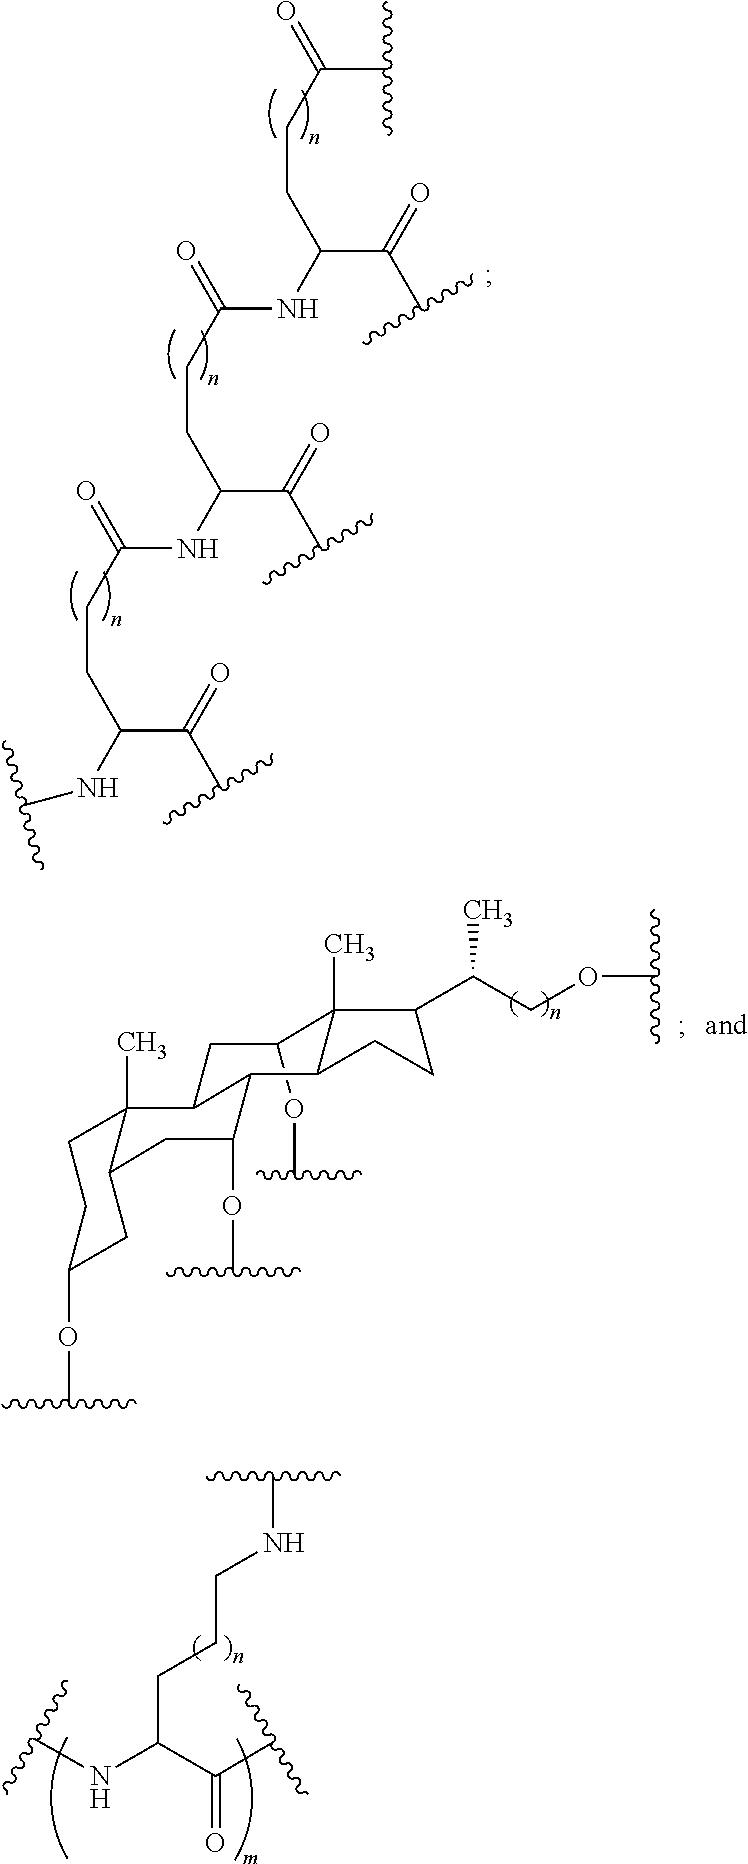 Figure US09932581-20180403-C00062